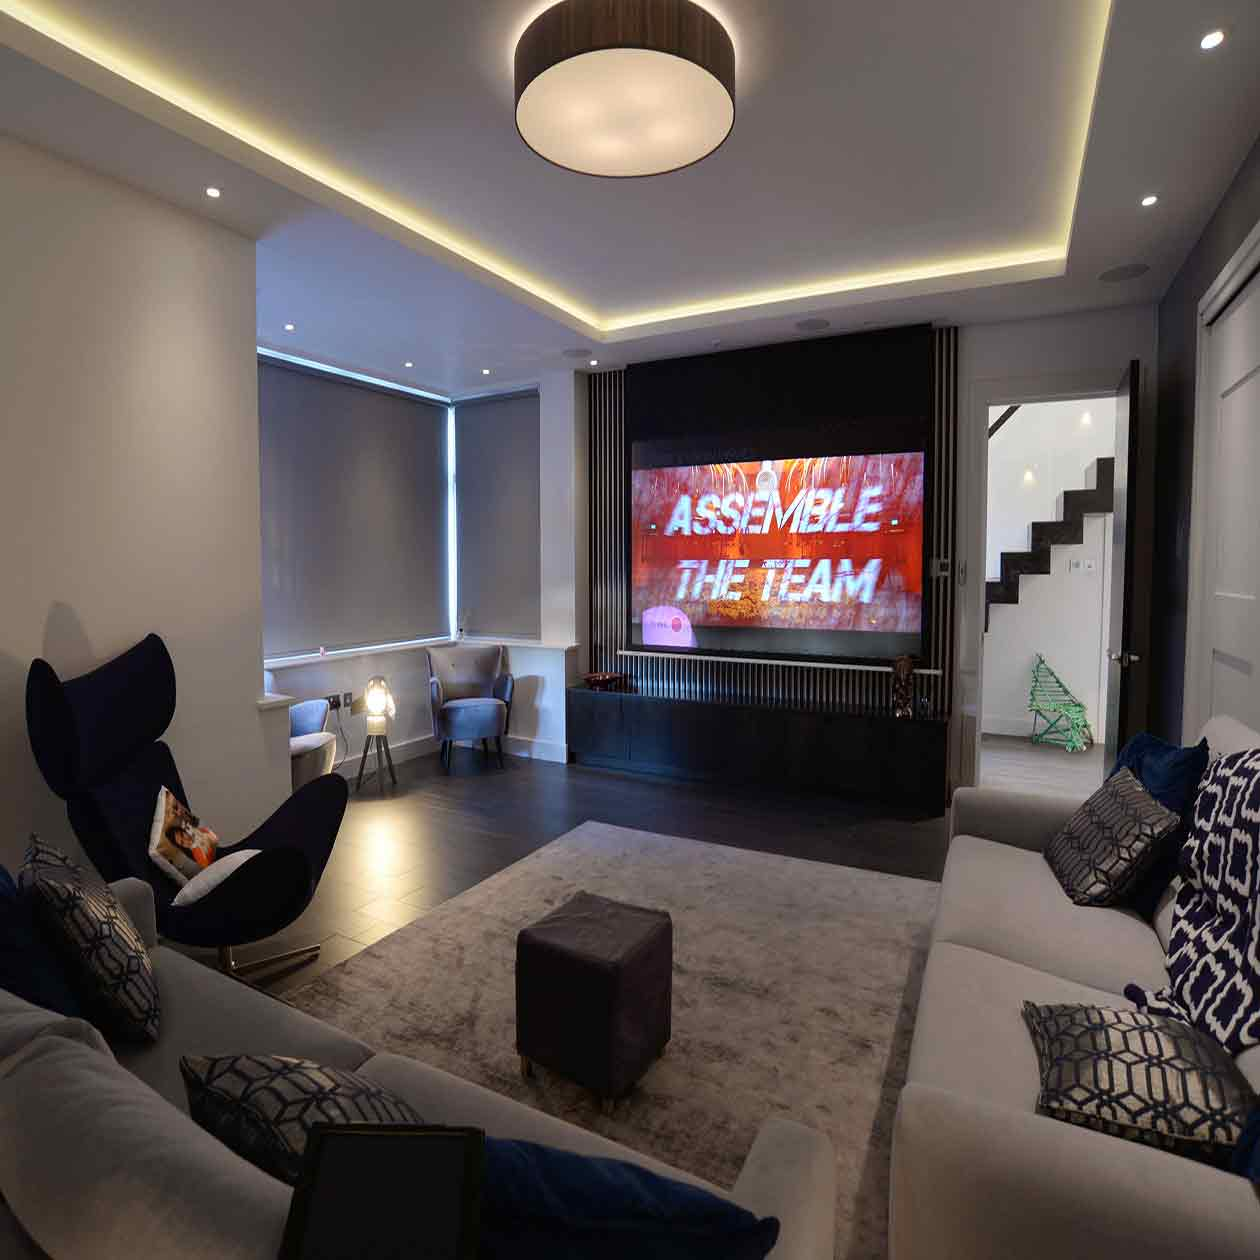 Home Cinema, Winchmore Hill, London